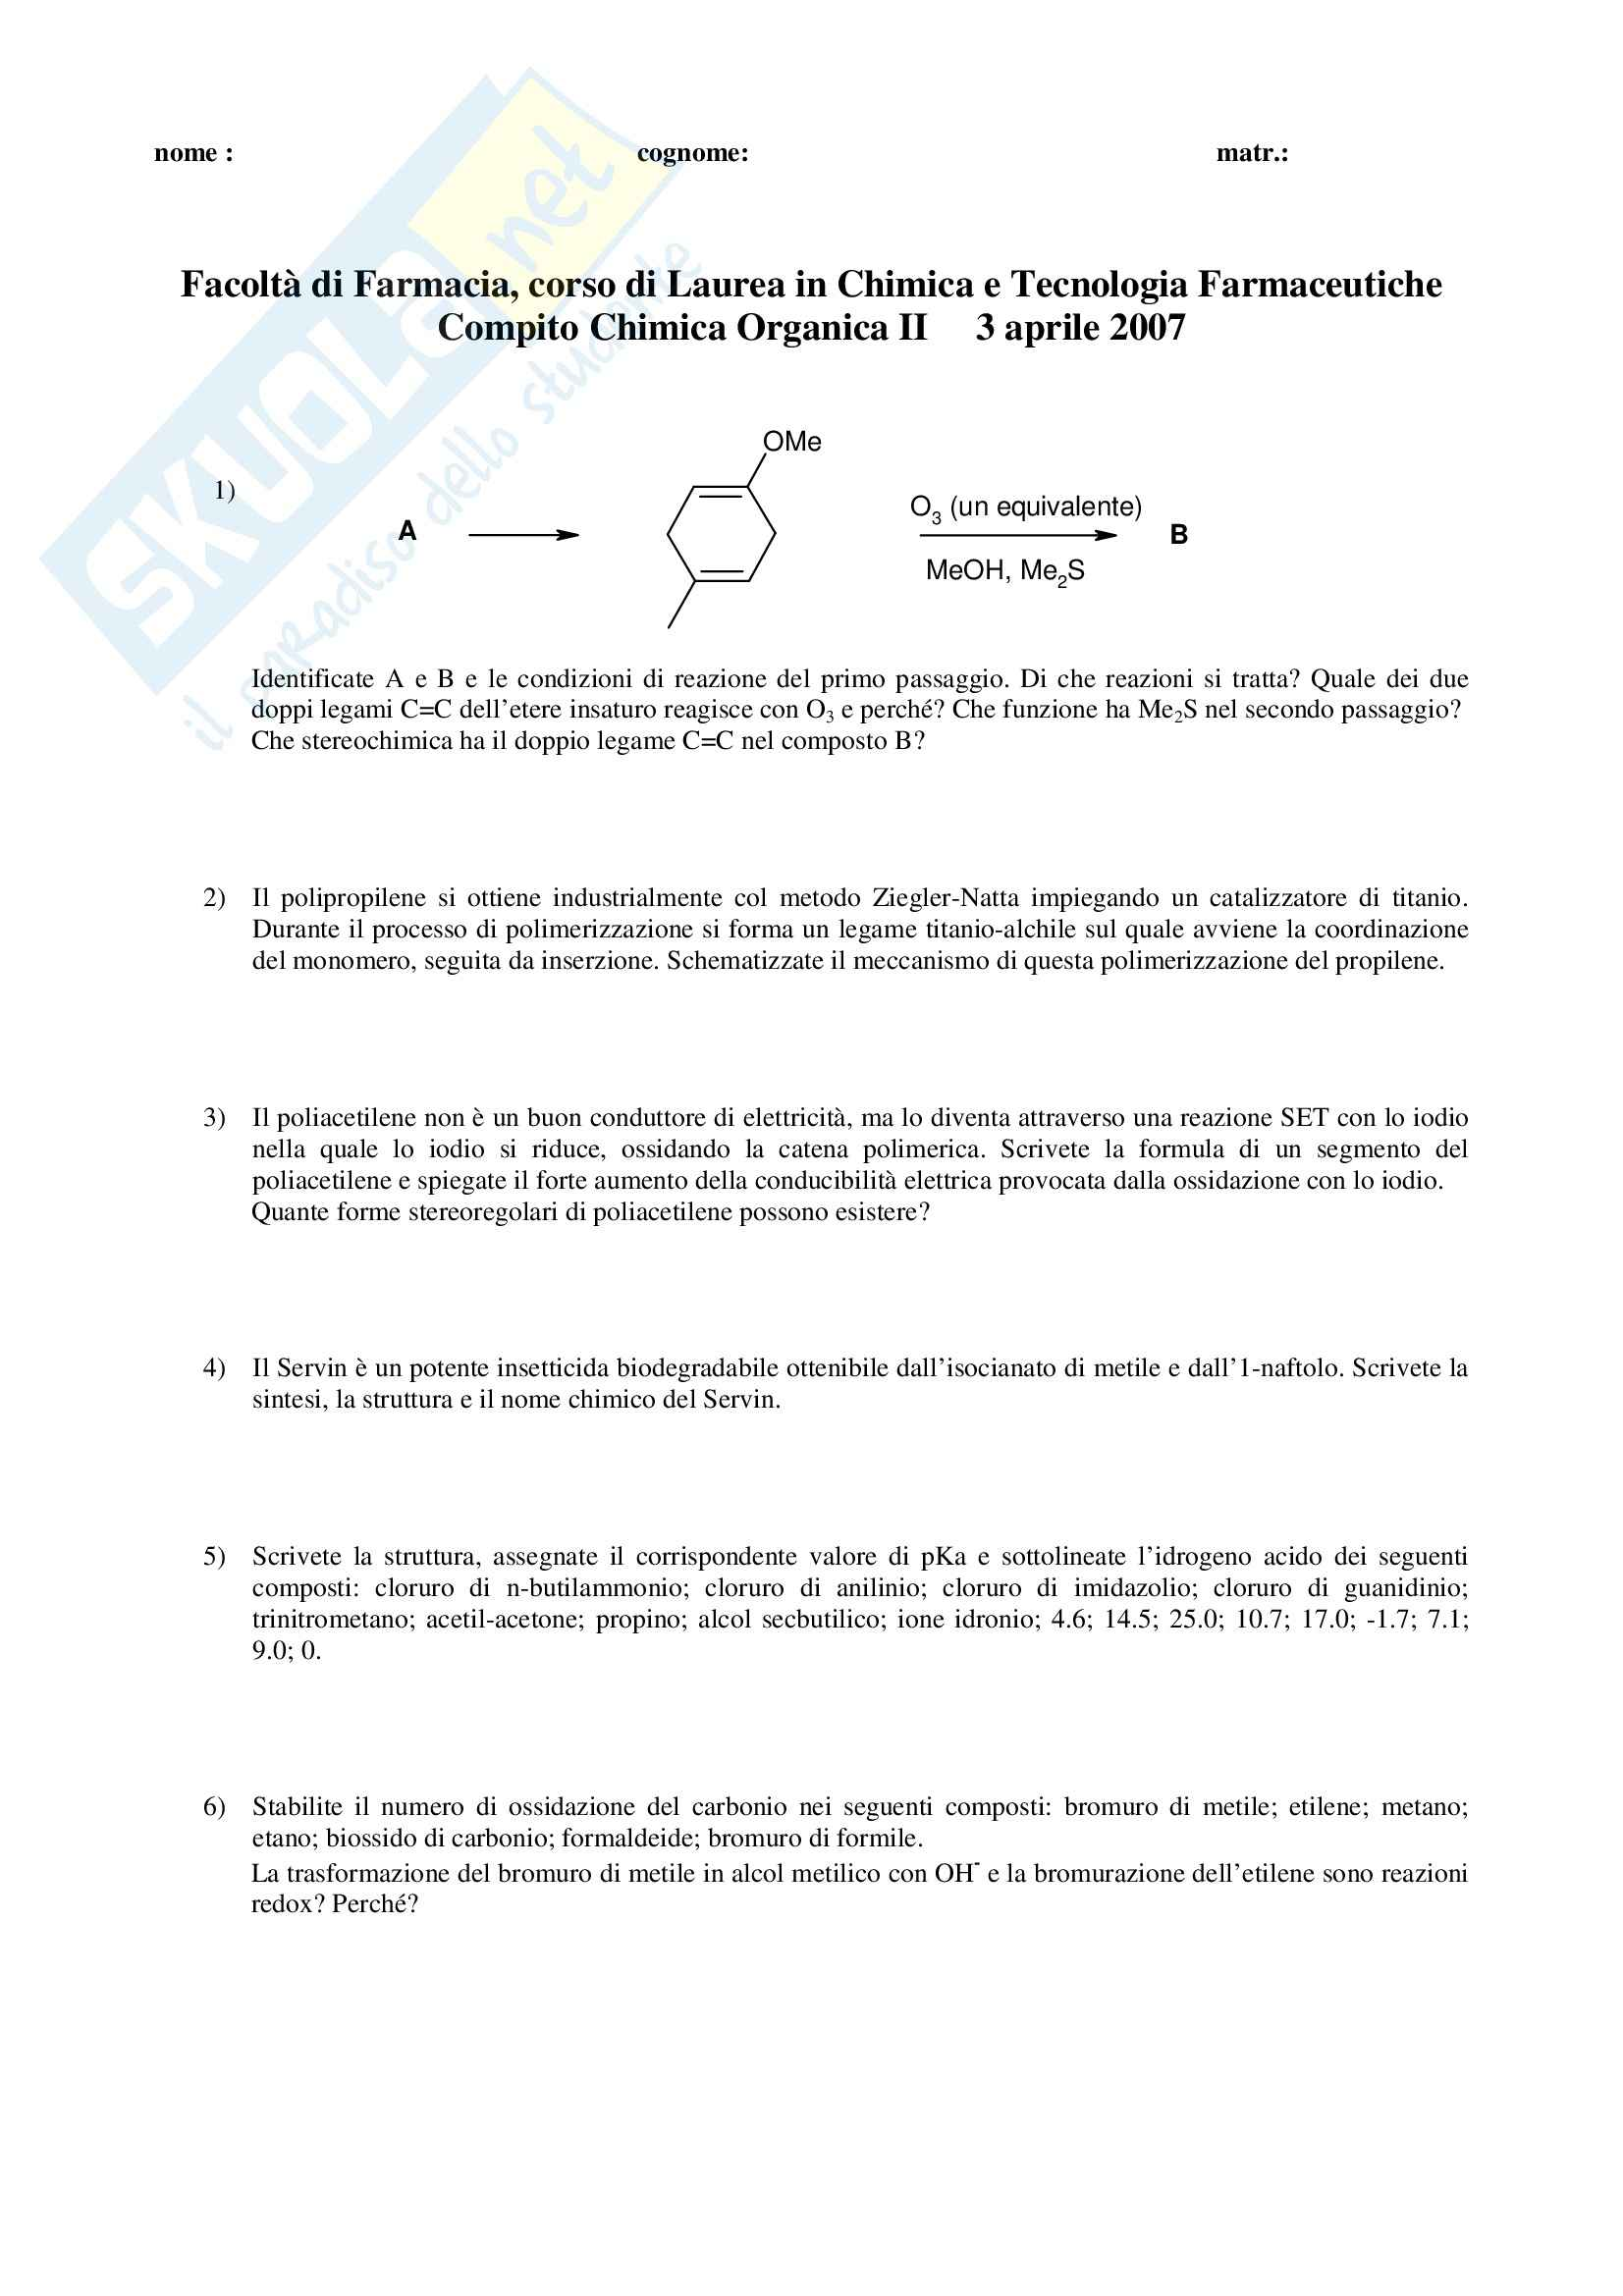 Chimica organica II - Esercizi Pag. 11